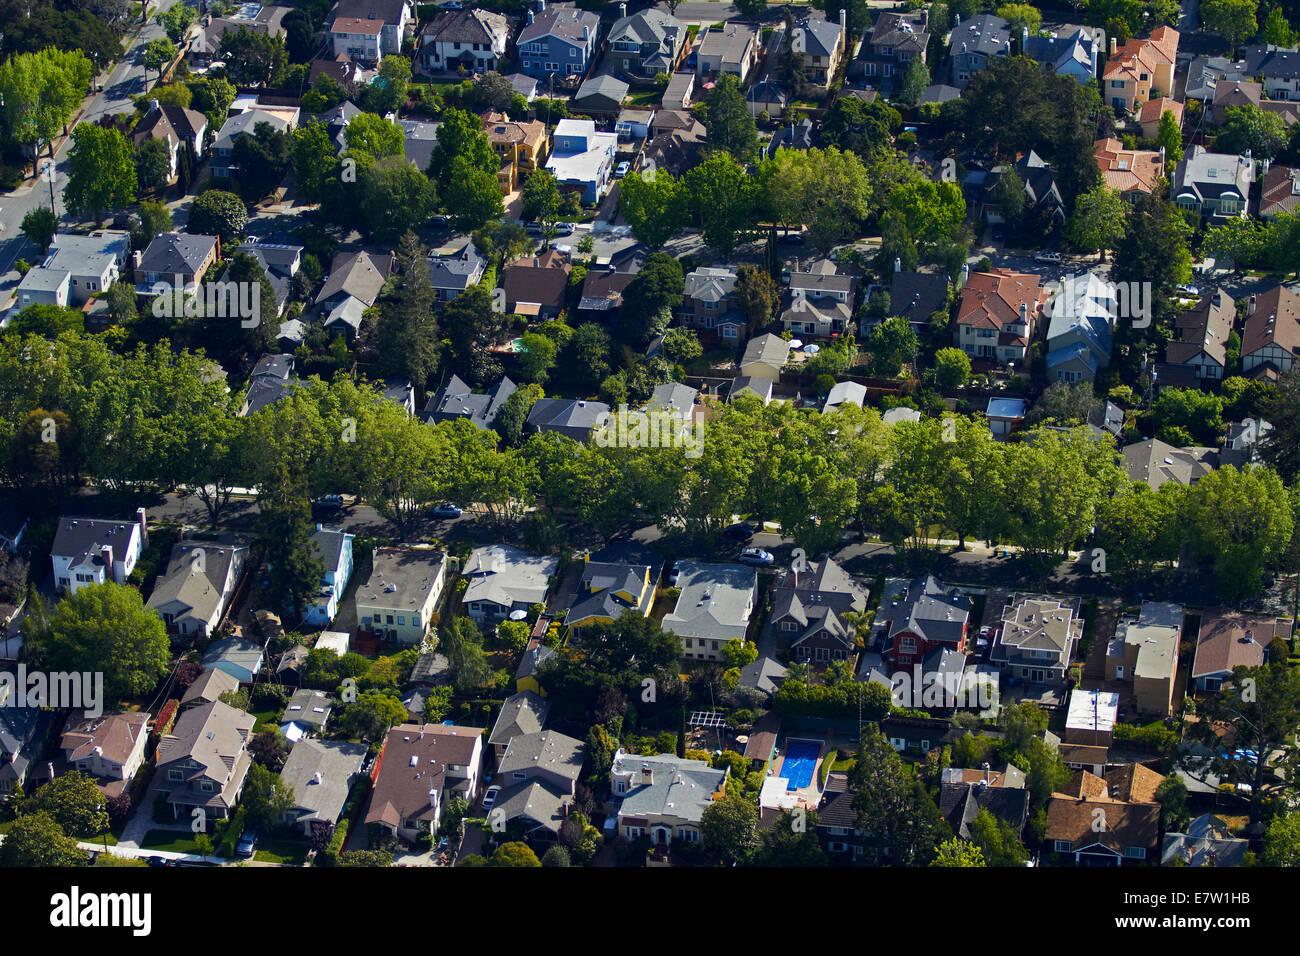 Balboa, Cortez, and Cabrillo Avenues, Burlingame, San Francisco, California, USA - aerial - Stock Image